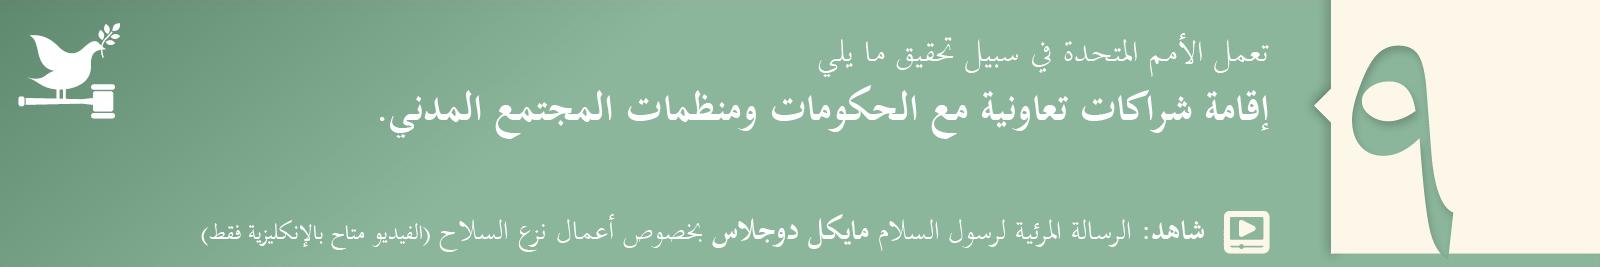 9. إقامة شراكات تعاونية مع الحكومات ومنظمات المجتمع المدني.